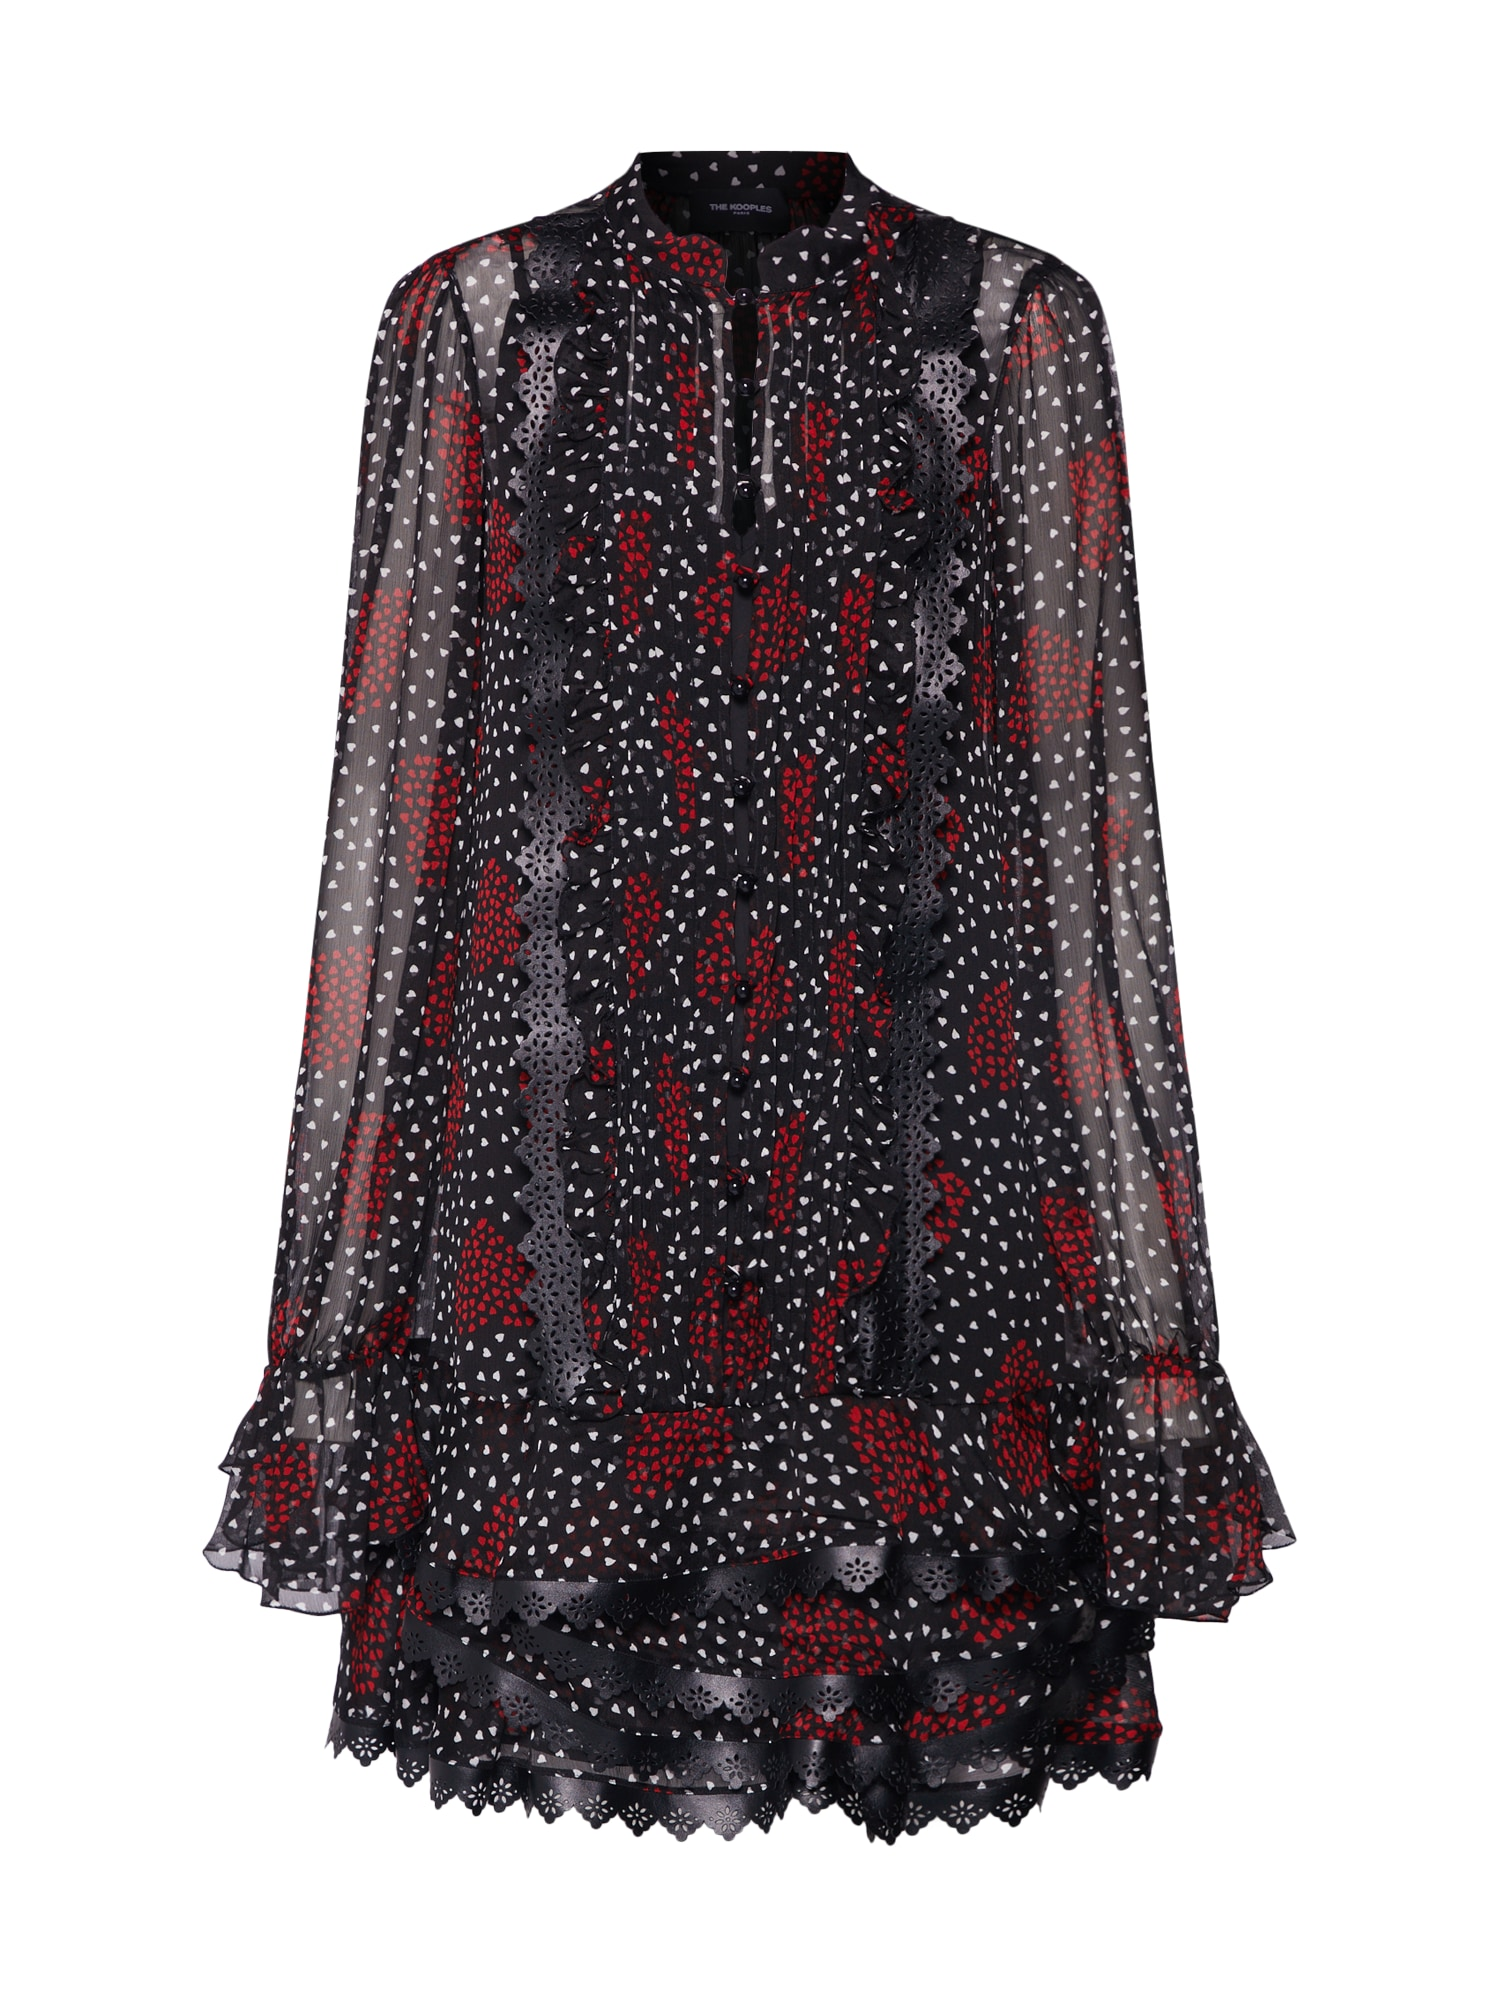 Letní šaty FROB18003K červená černá The Kooples